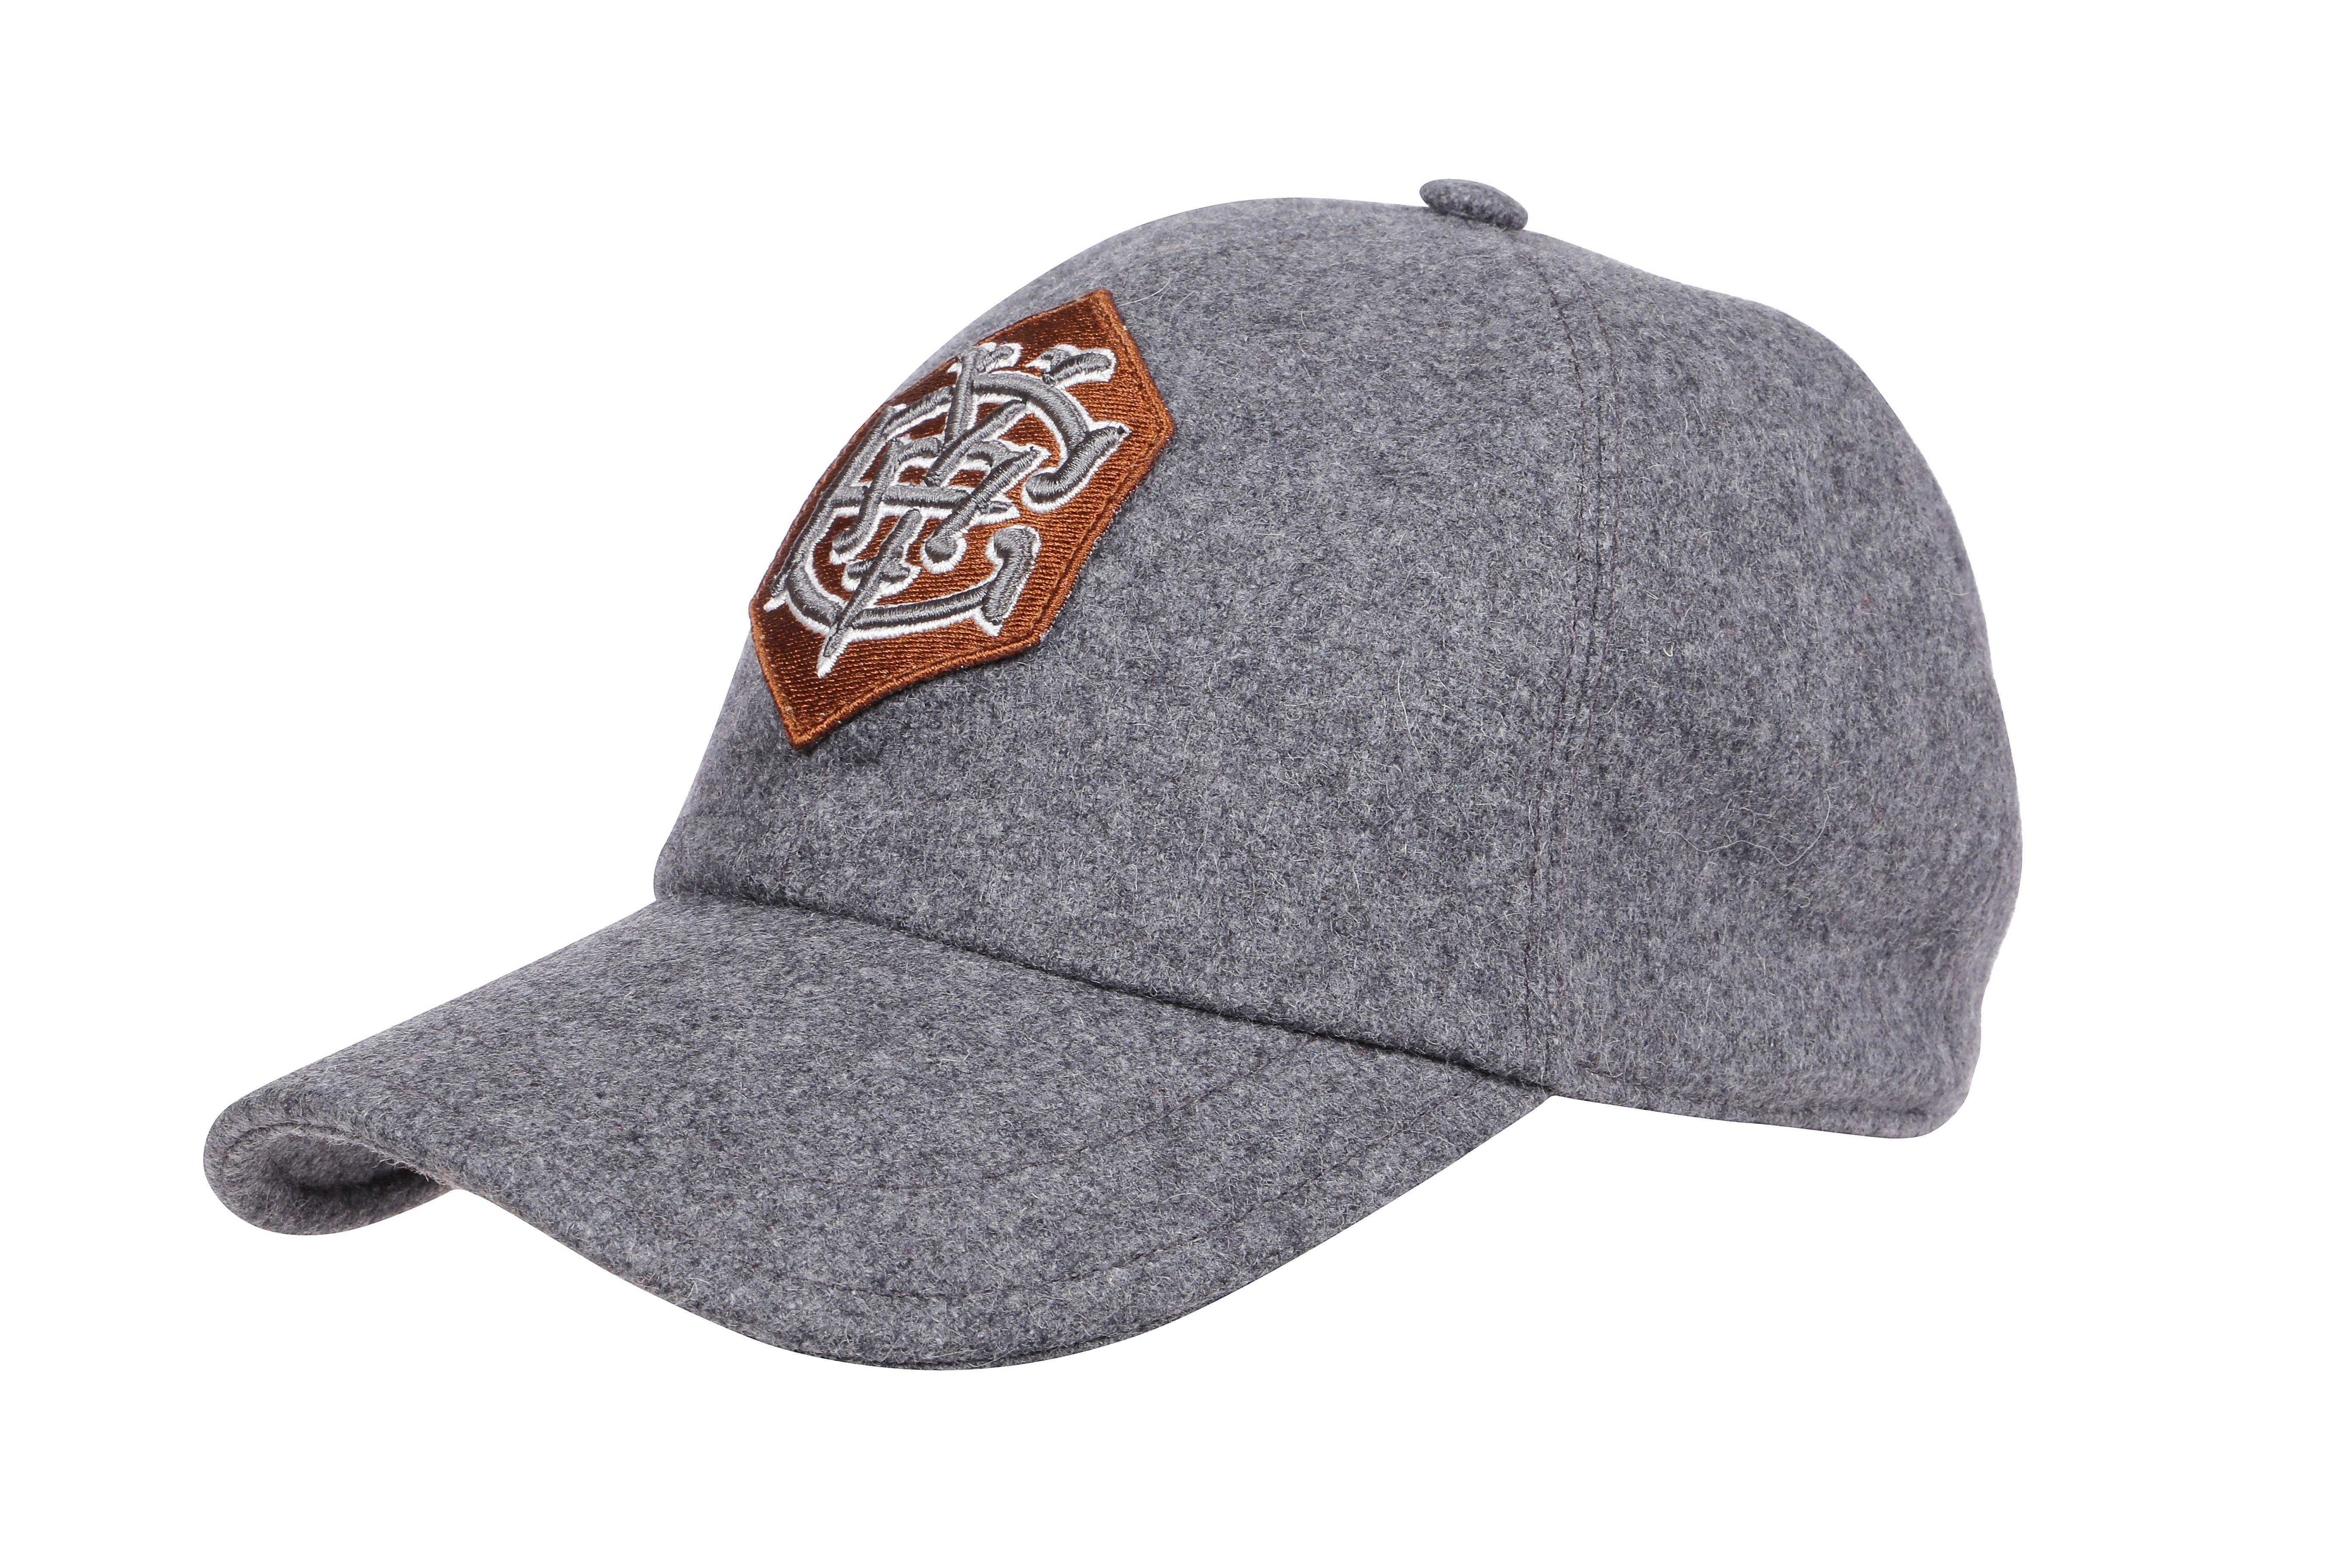 cappello da baseball in cotone effetto lana grigio chiaro ELEVENTY | Cappelli | B77CLPB02-TES0B13406